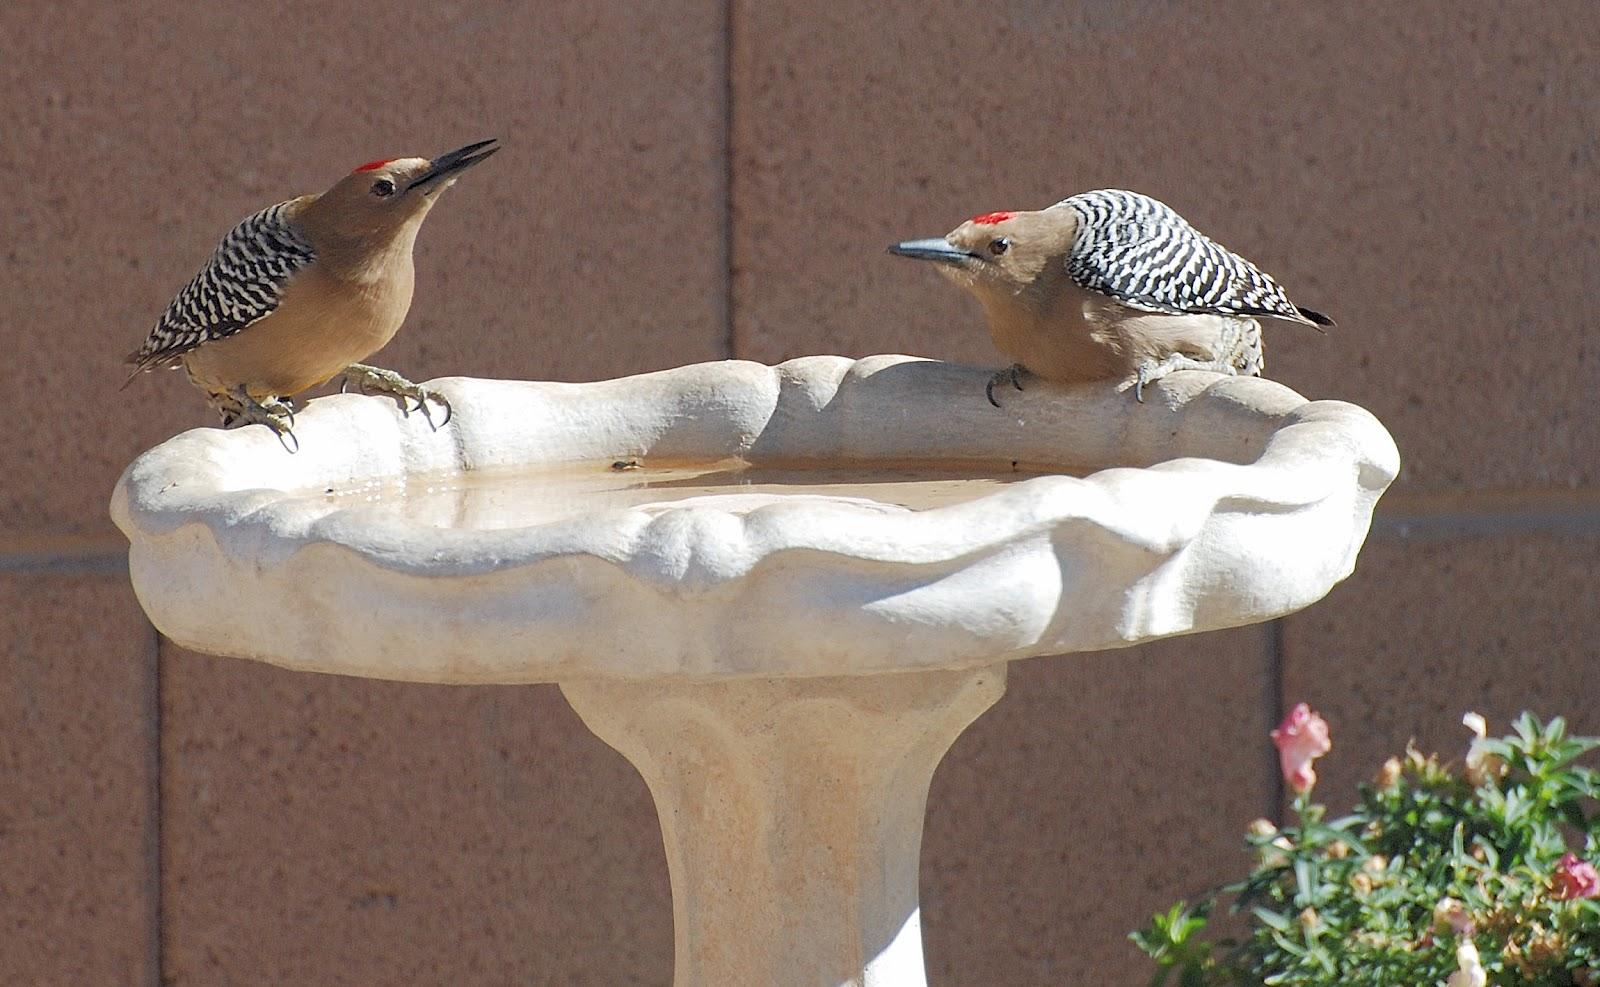 Birding Is Fun!: Birding is Fun Wherever You Are